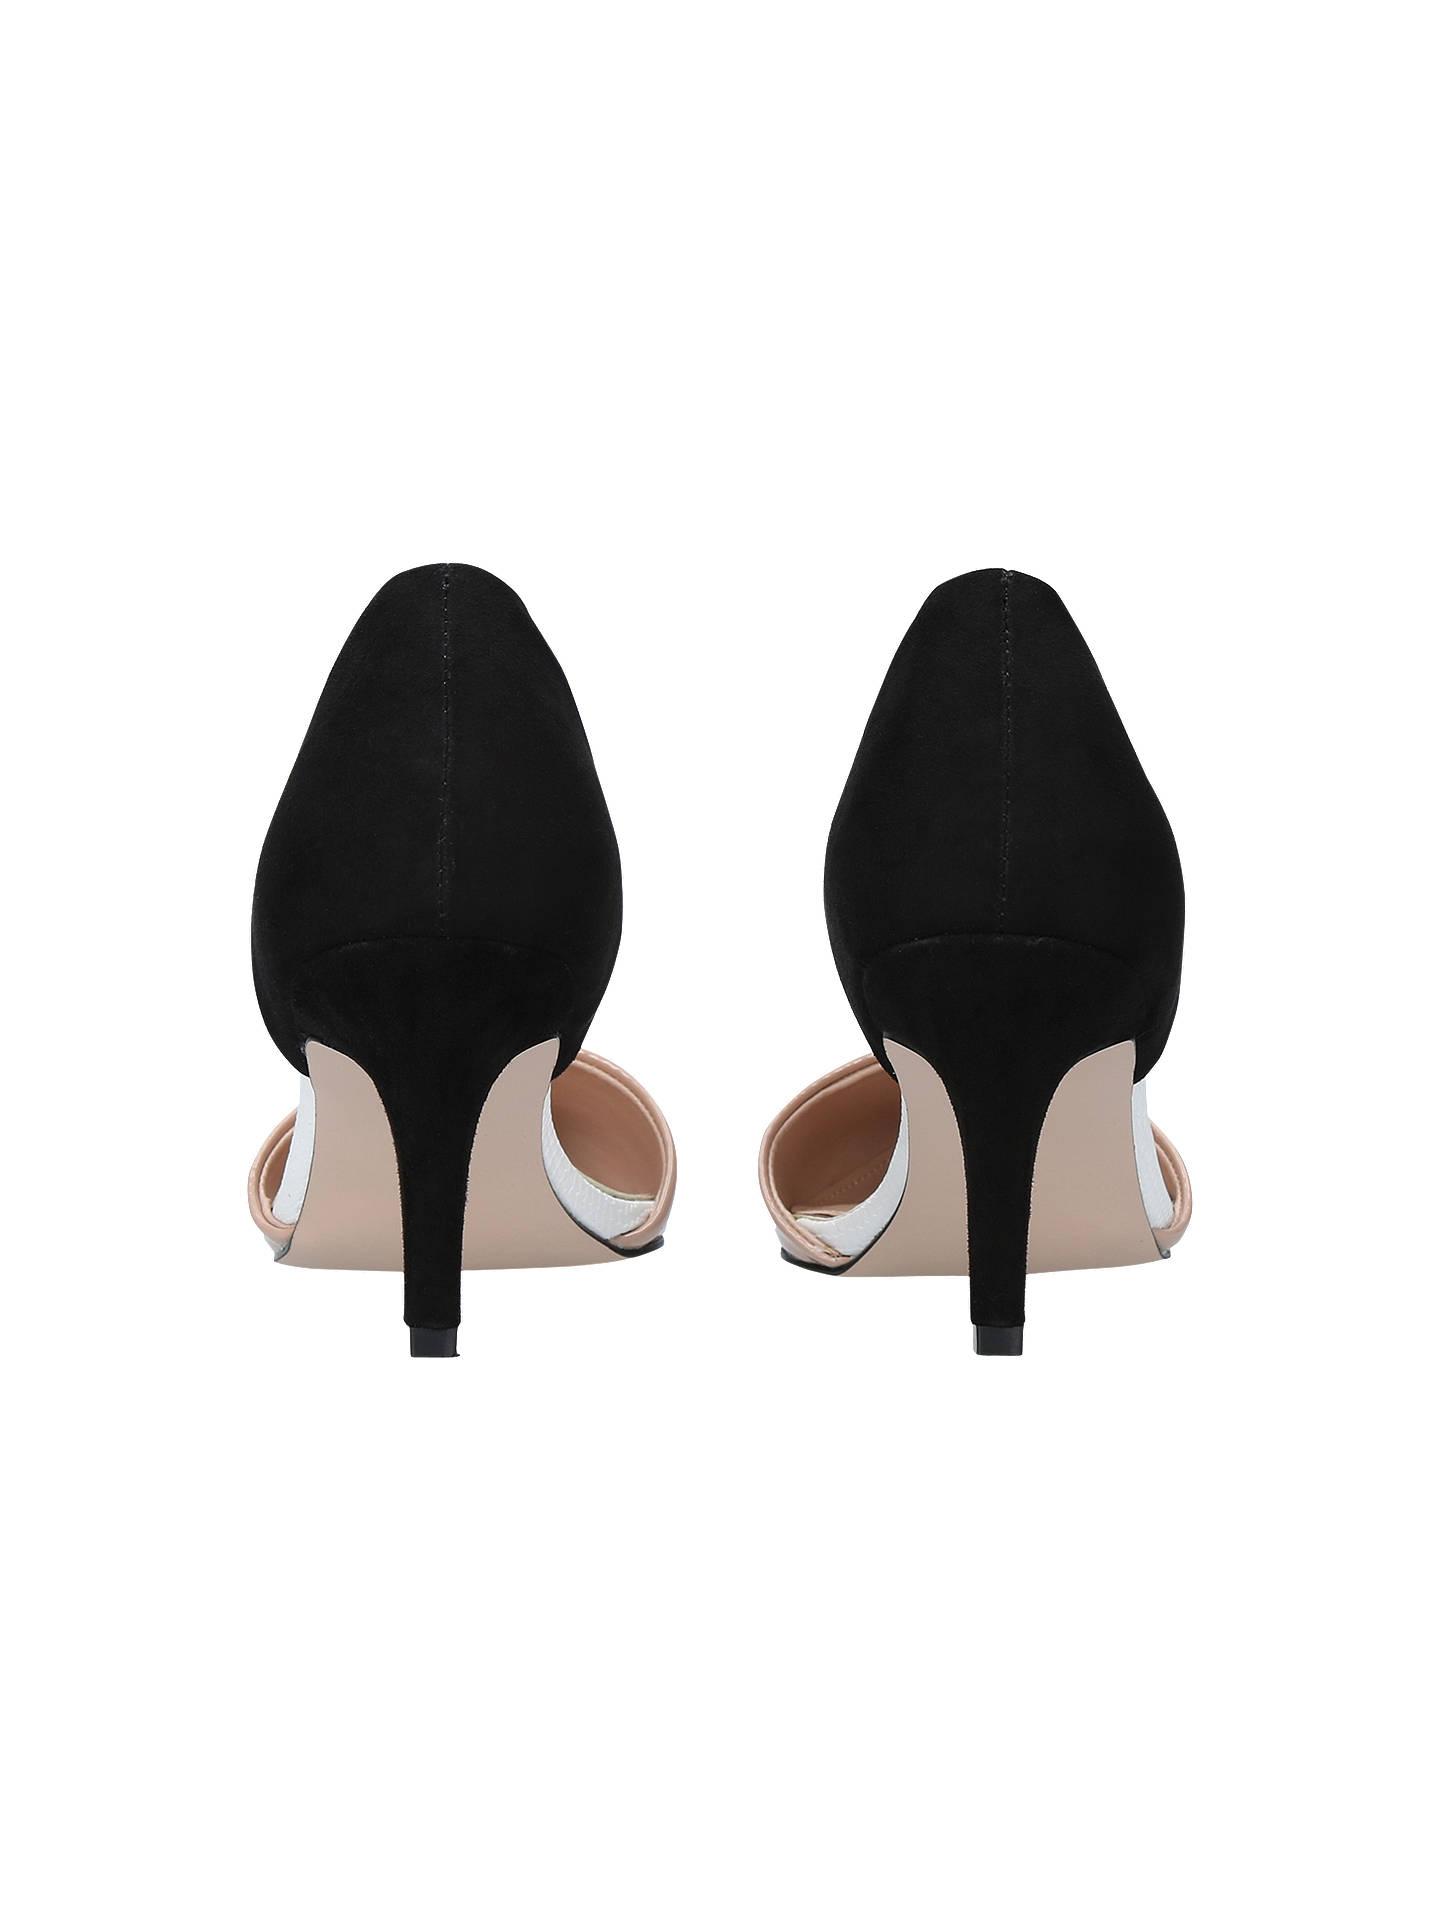 3c8d68a4ffde Miss KG Celina Two Part Stiletto Court Shoes at John Lewis   Partners